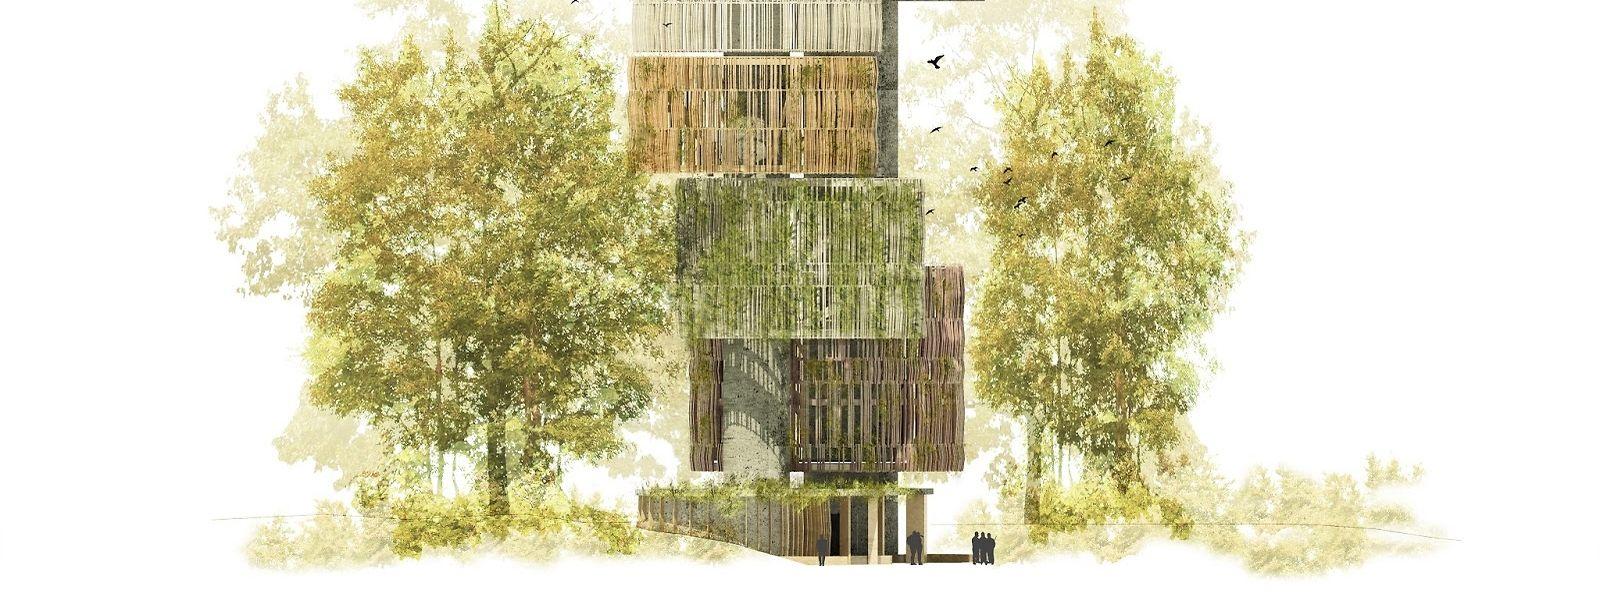 Le futur château d'eau mesurera 50 mètres de haut et disposera d'une capacité de 1.000 mètres cubes.